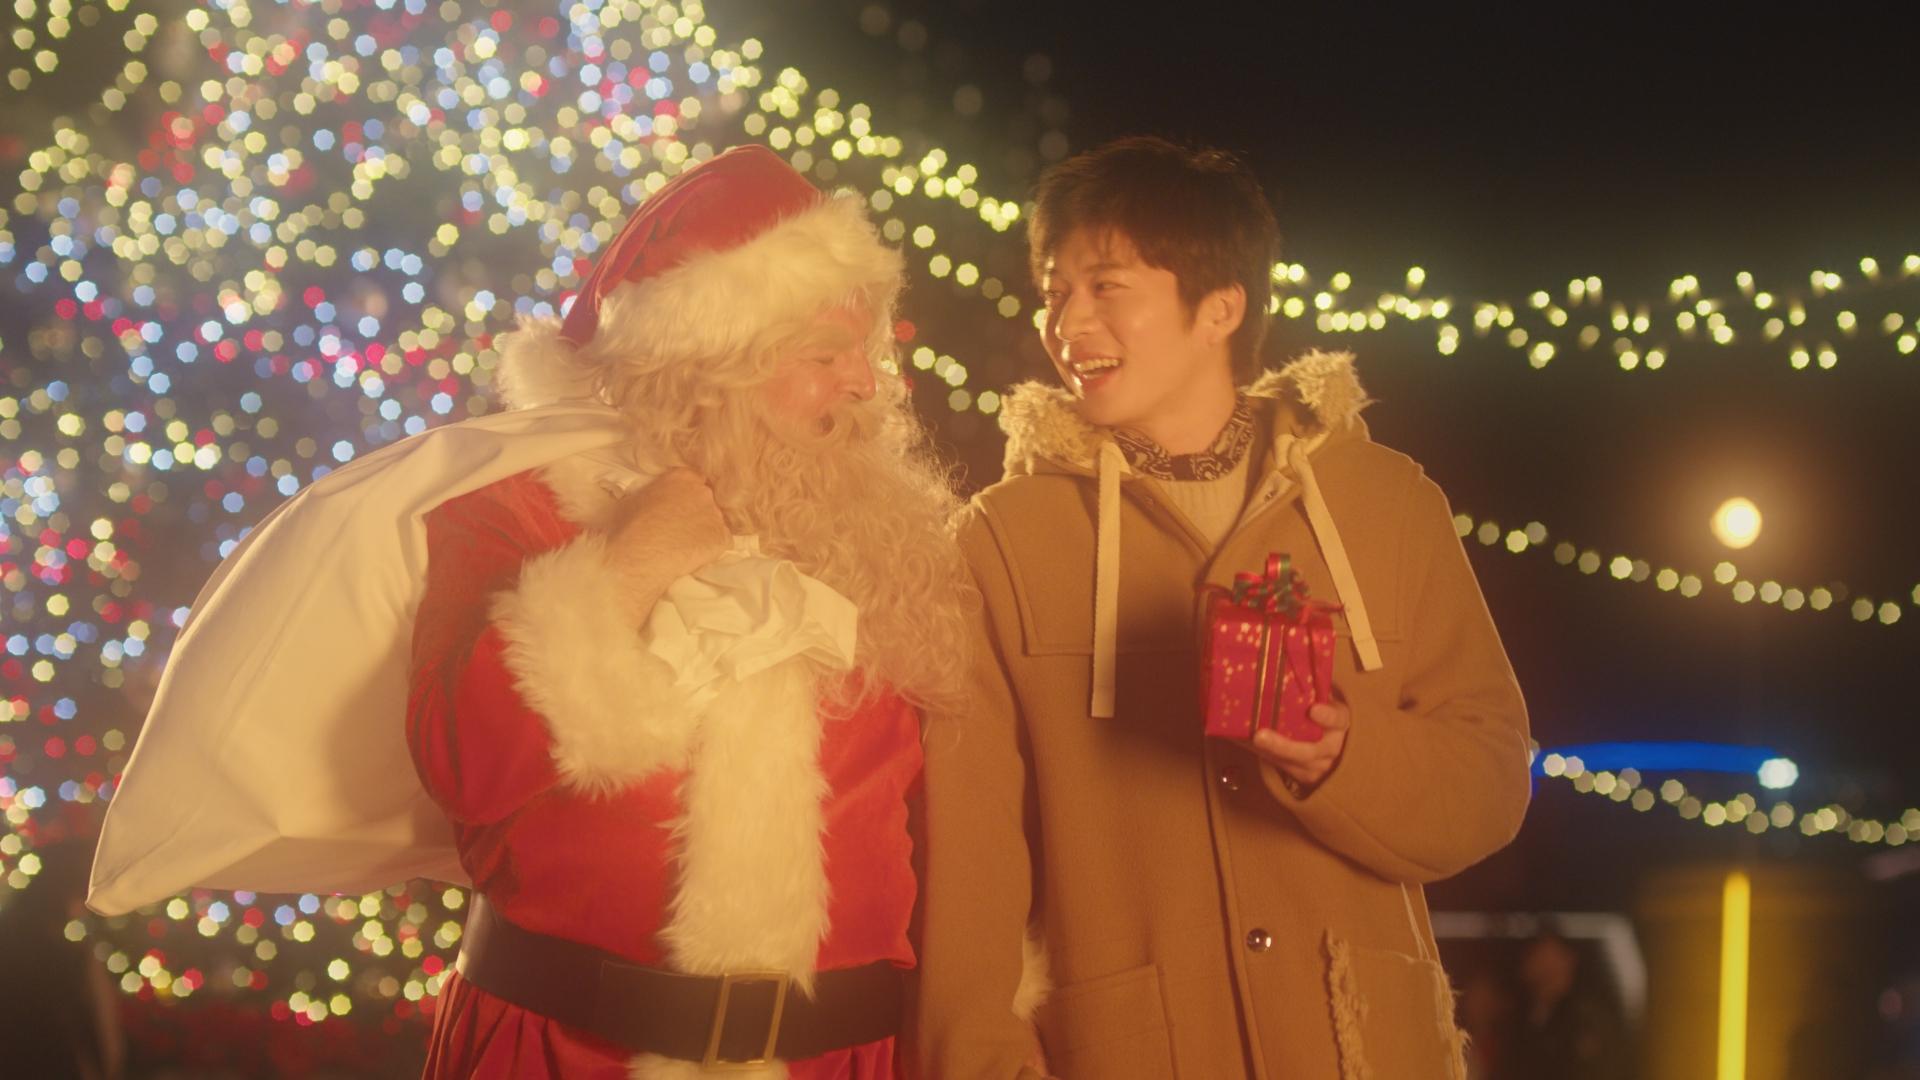 ♬SoftBank music project 田中圭がクリスマスデートで危機一髪!? 宮本浩次が「恋人がサンタクロース」をカバー